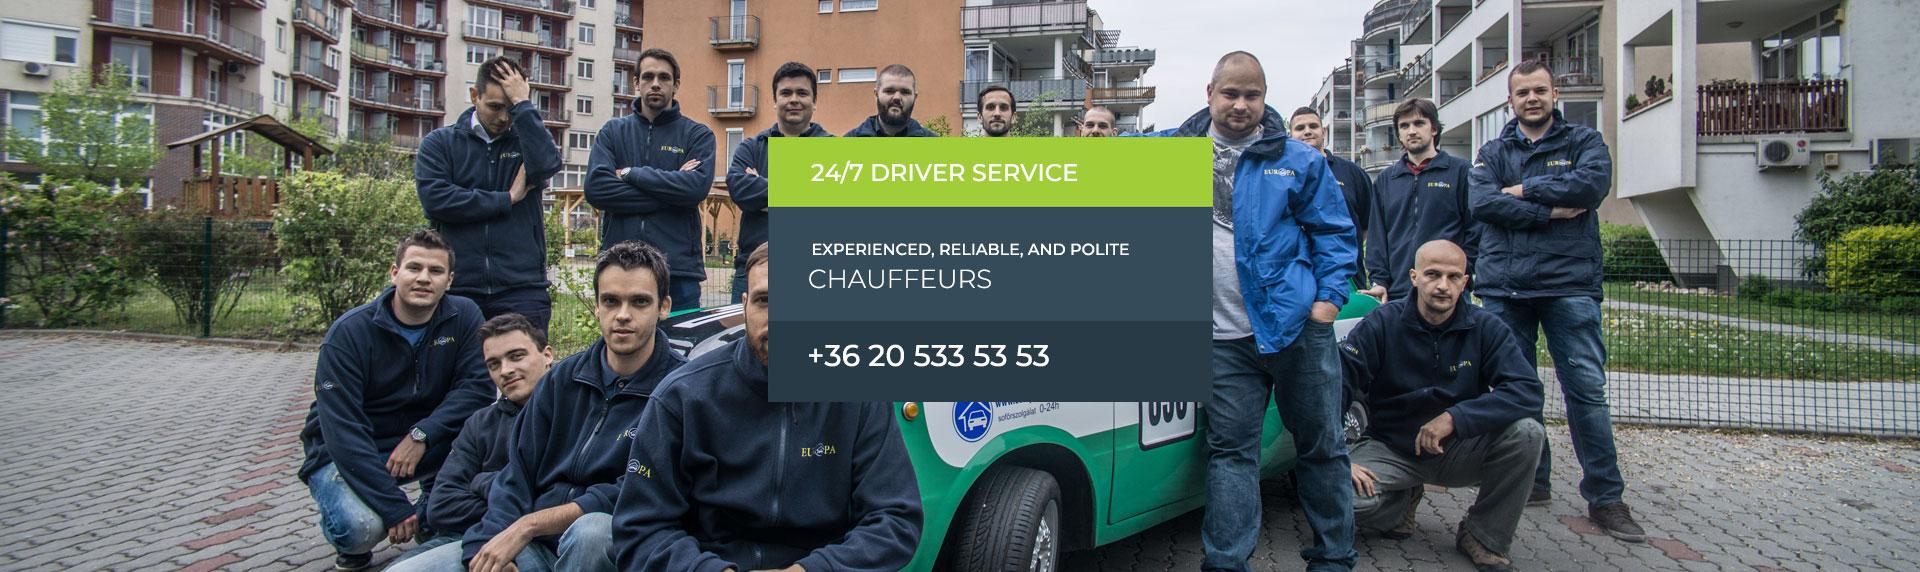 24/7 Driver service